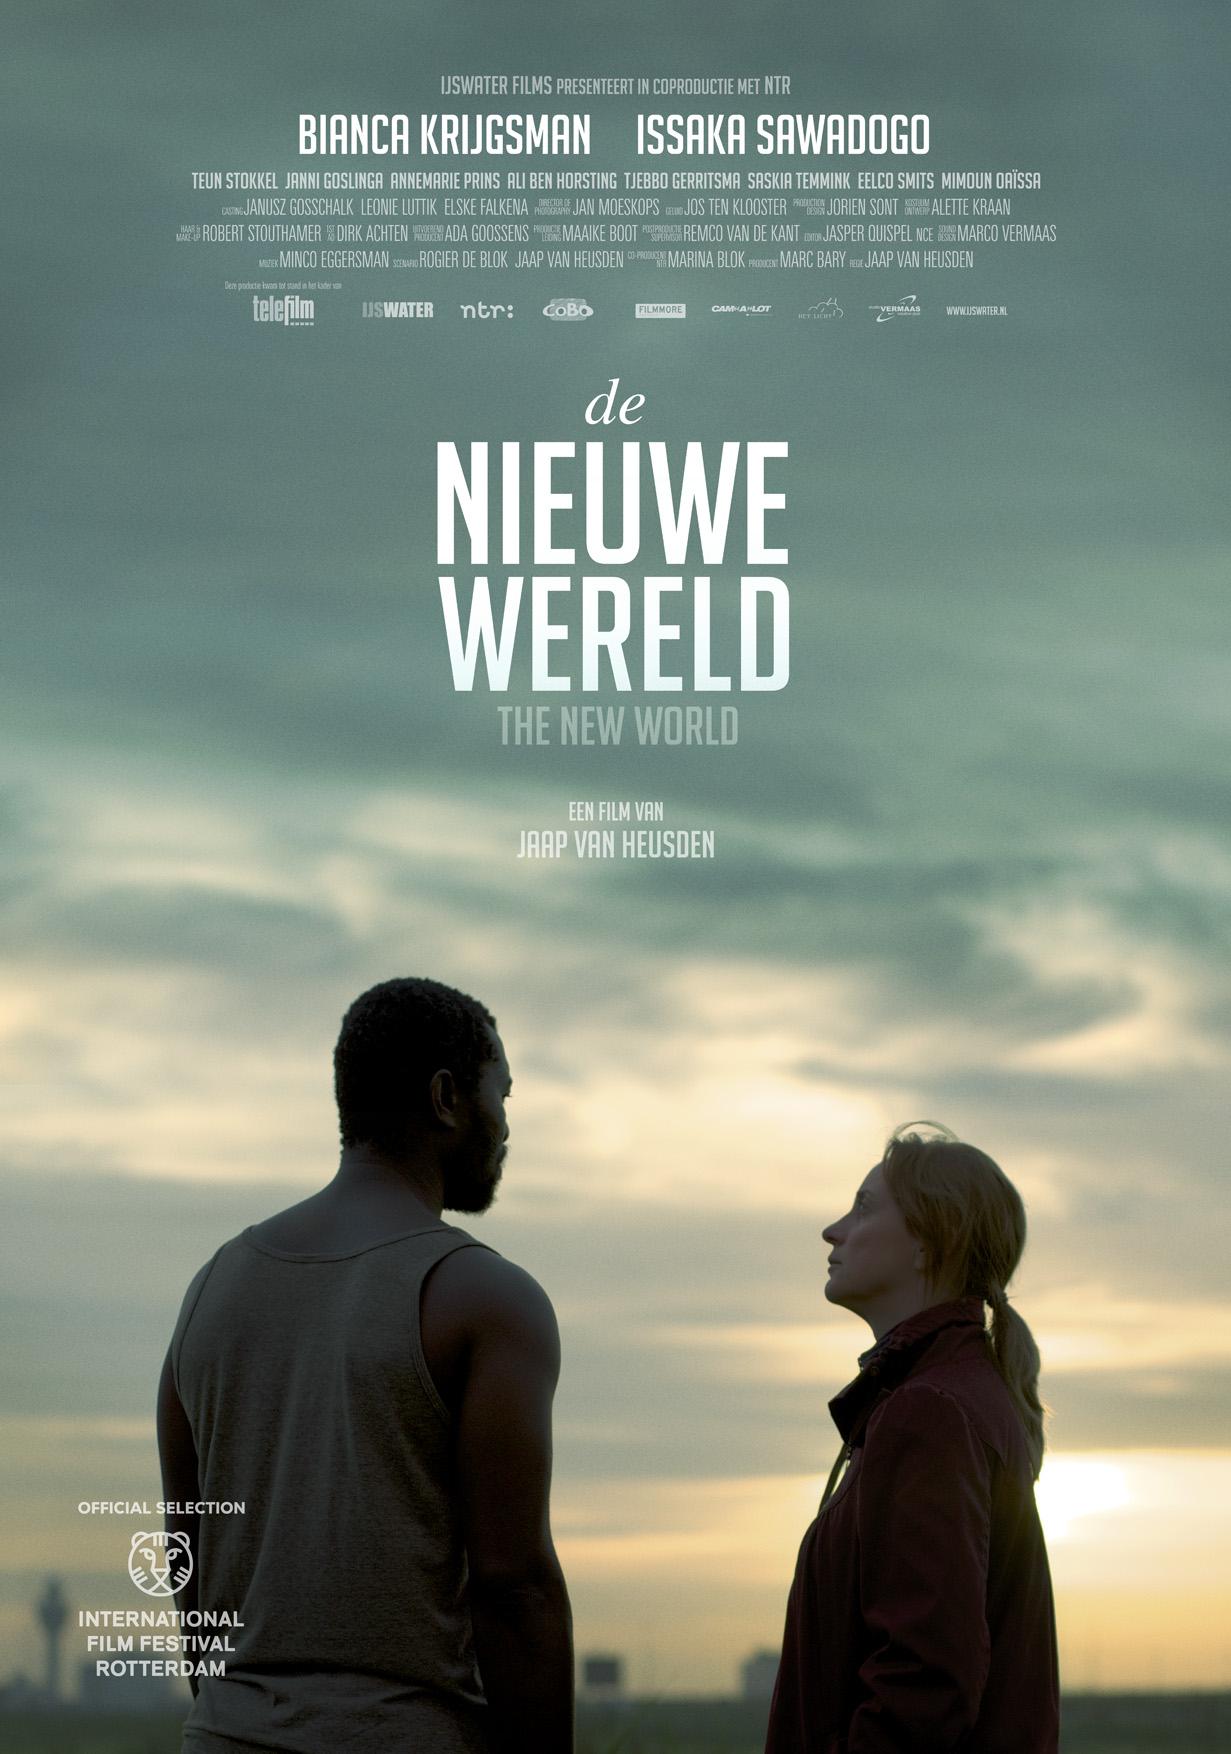 A4-De Nieuwe Wereld poster.jpg